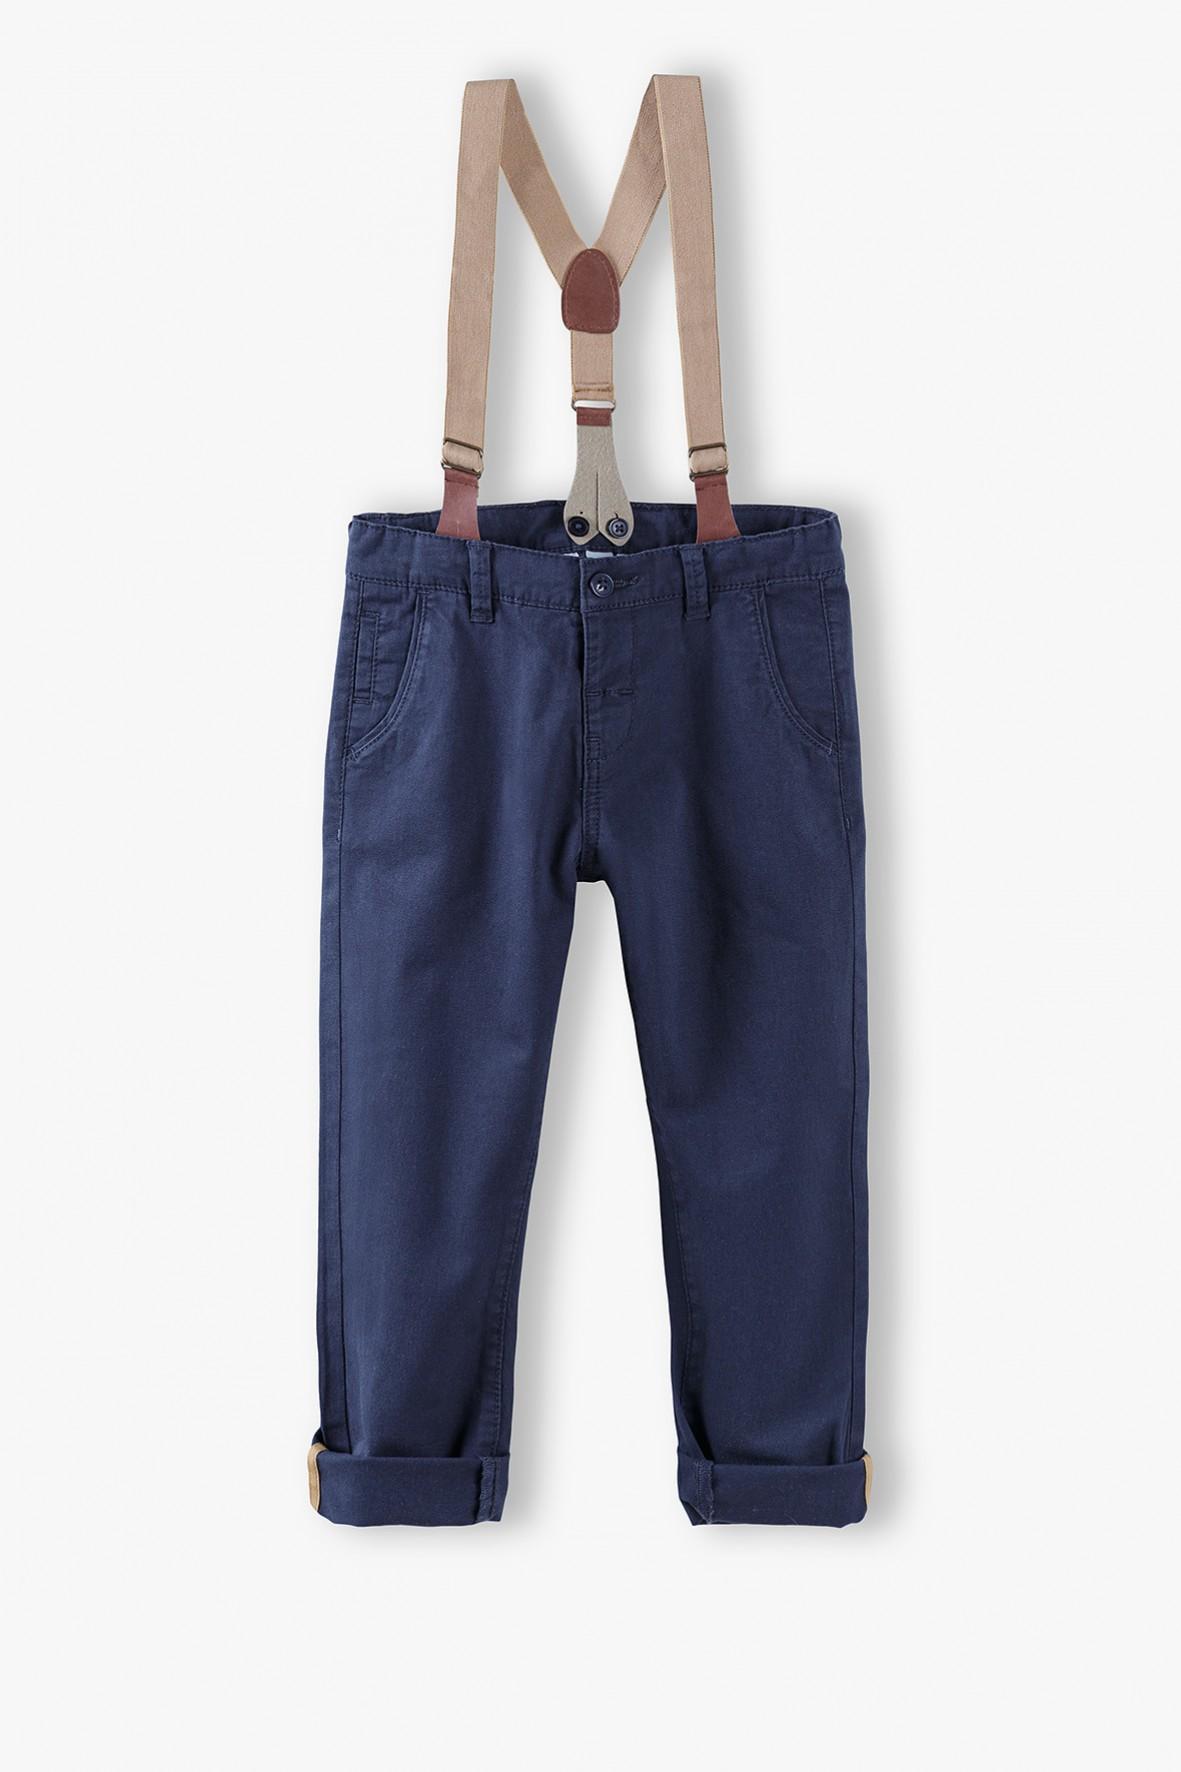 Spodnie chłopięce granatowe z odpinanymi szelkami